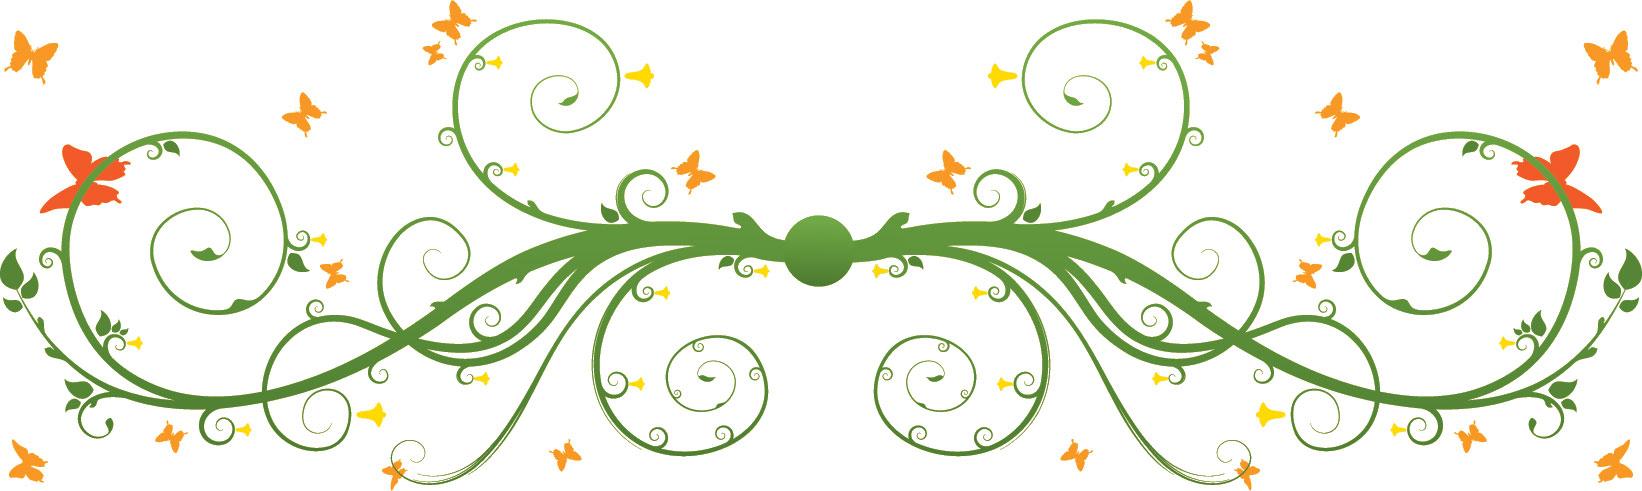 葉っぱ草木のイラストフリー素材フレーム枠no141植物と蝶 横長